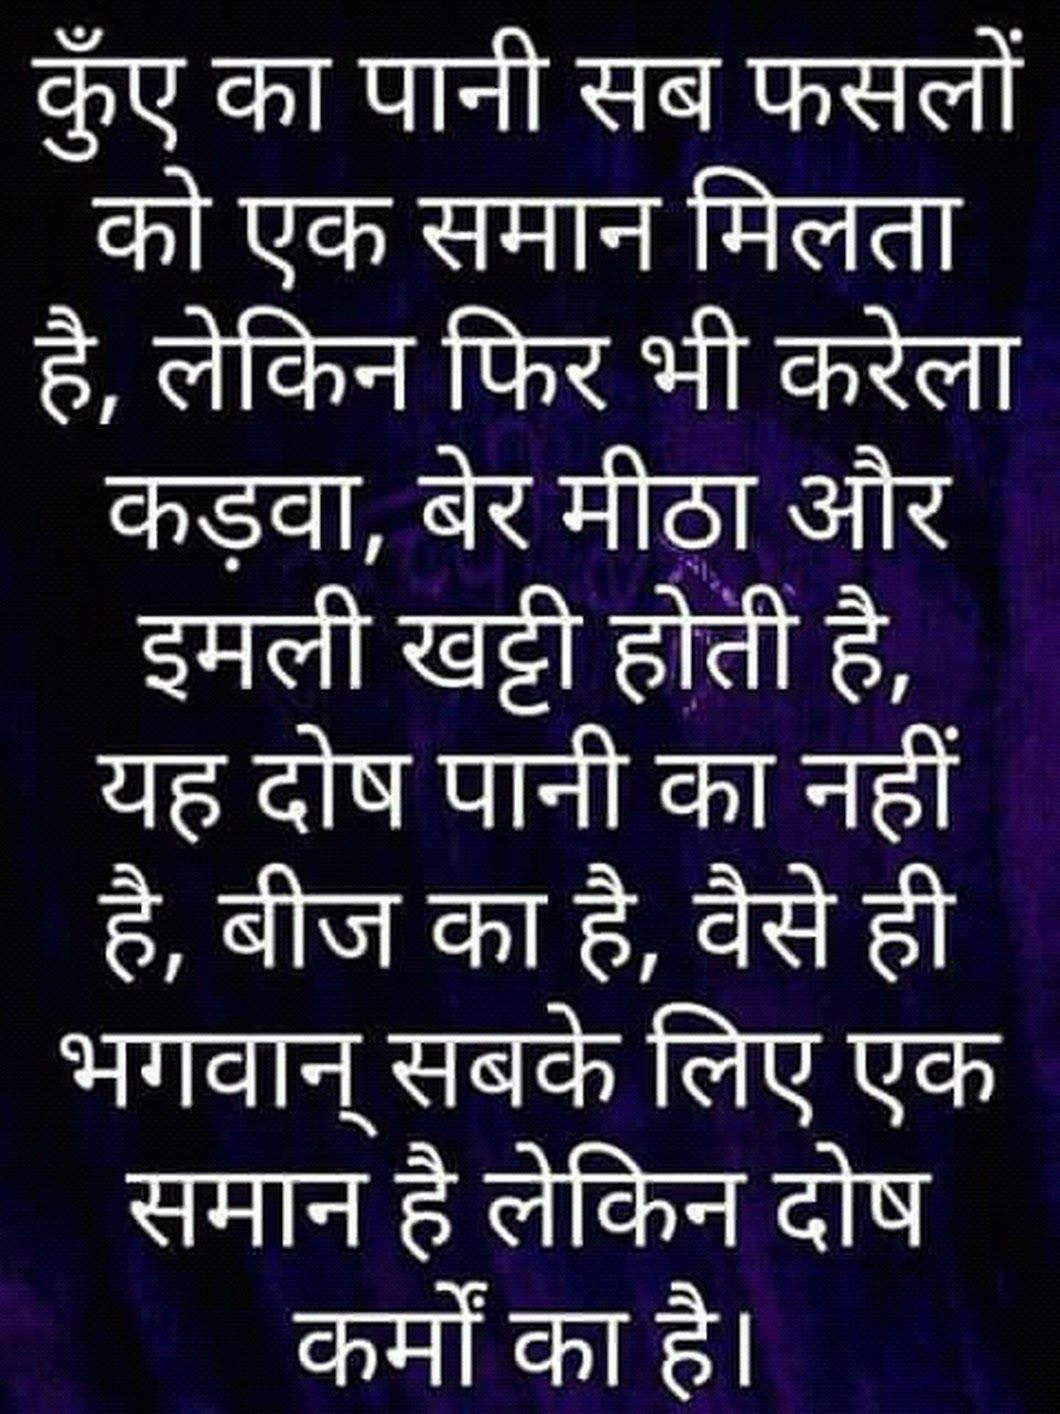 Jai Shri Hari Karma Quotes Krishna Quotes Hindi Quotes On Life